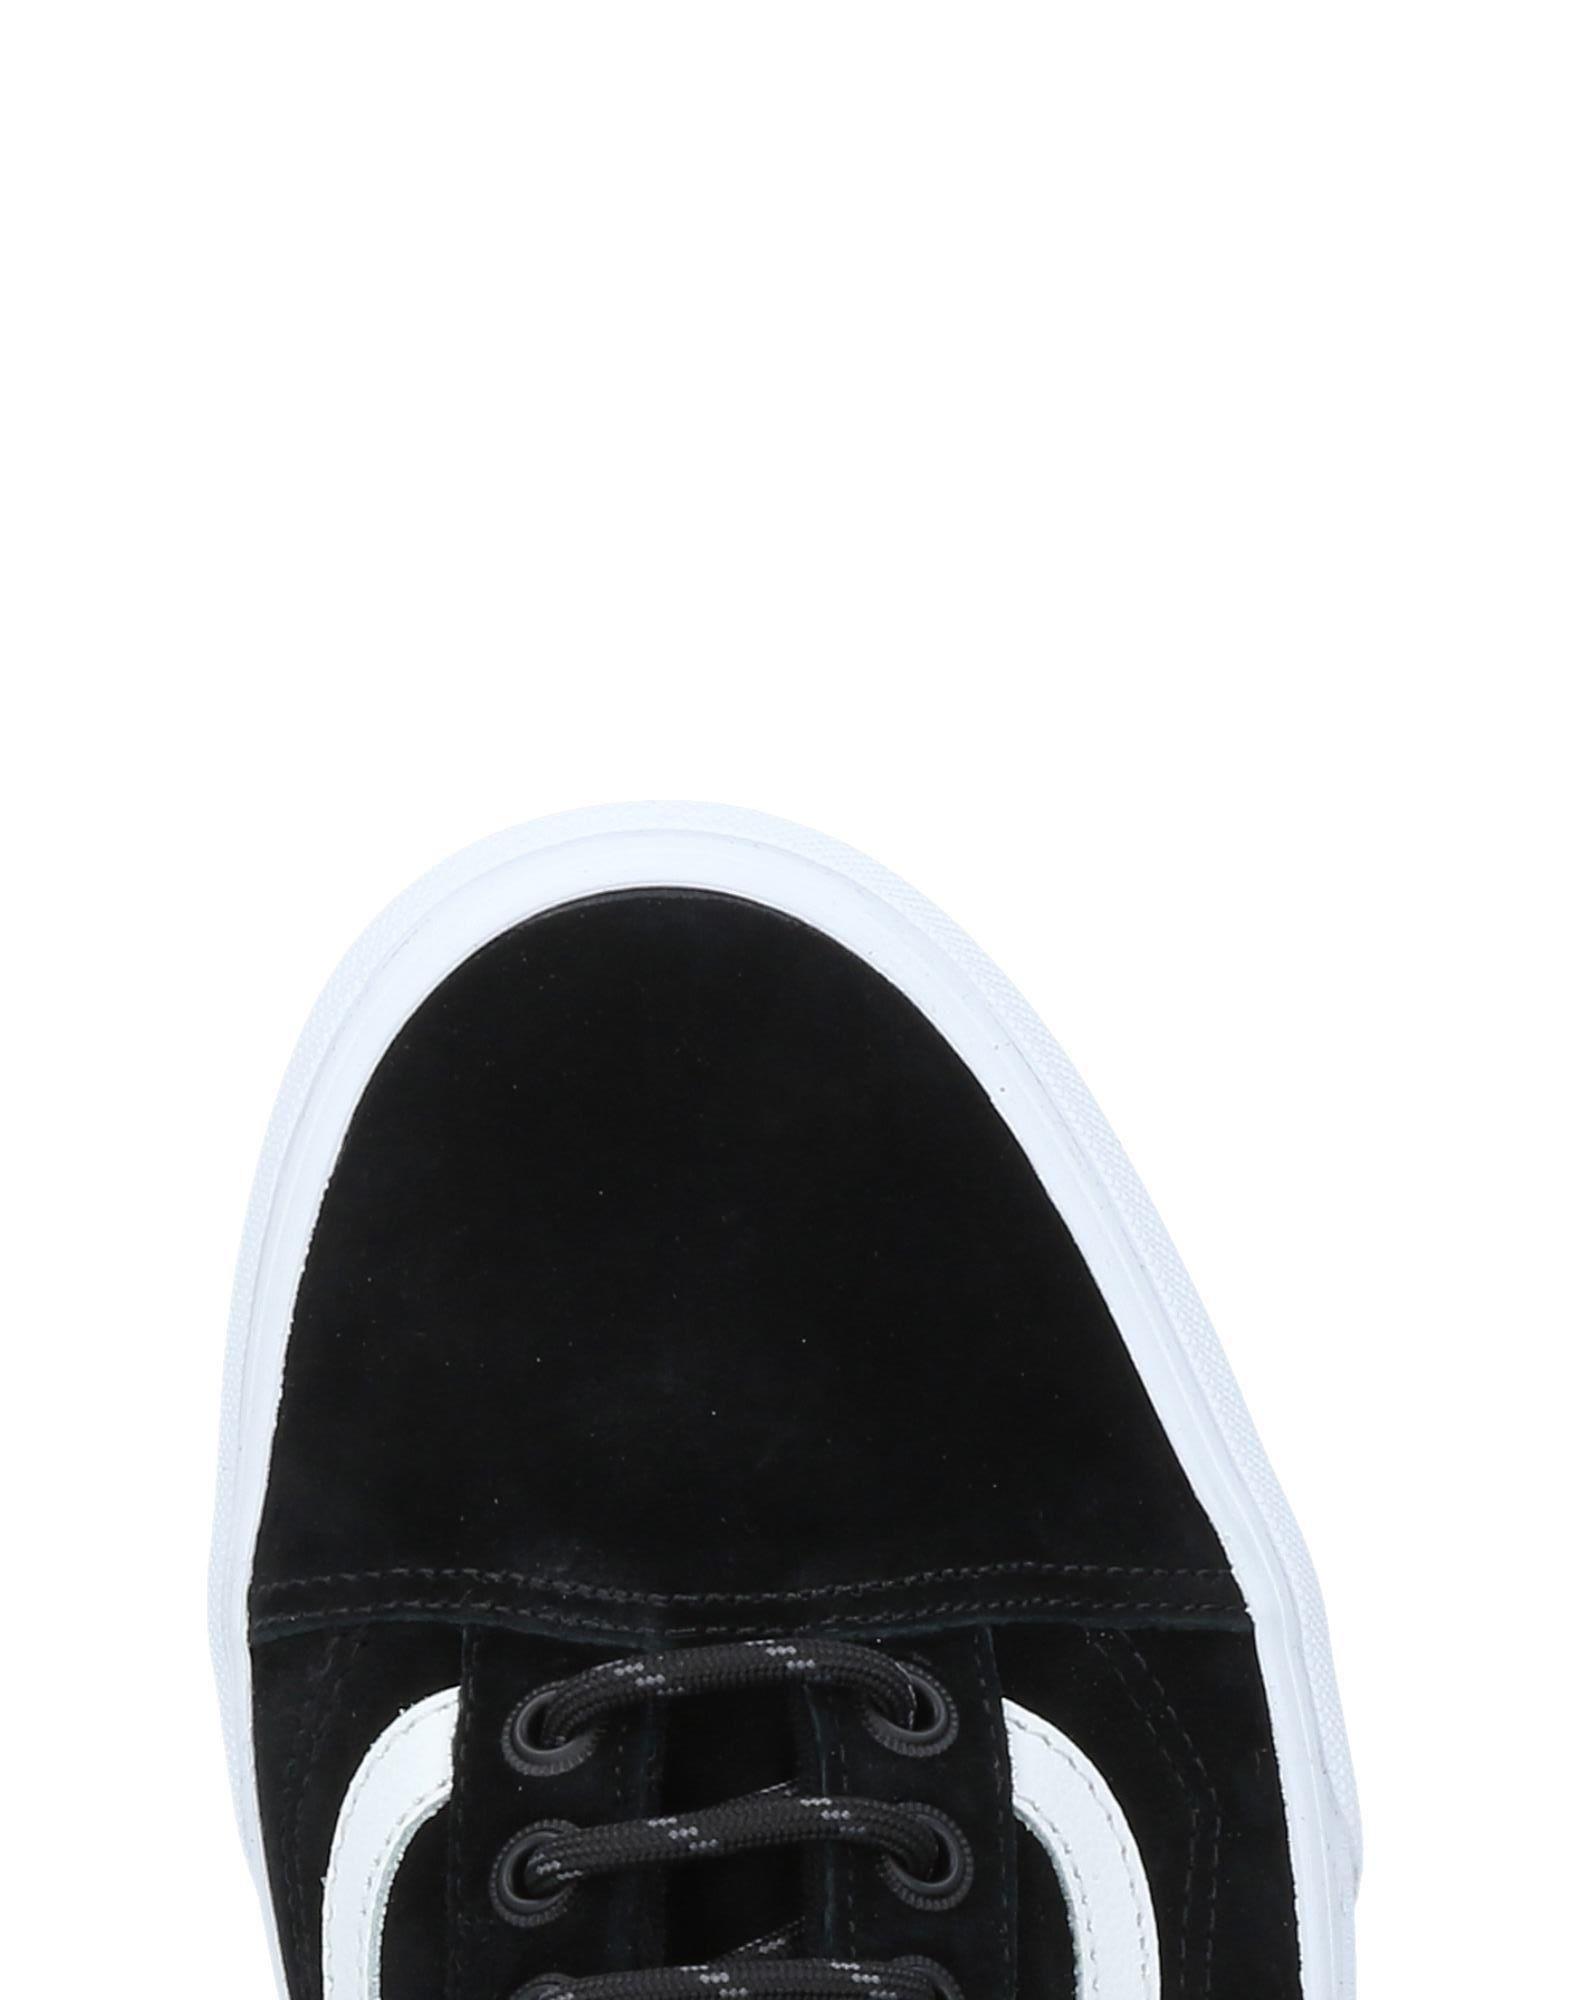 Vans Sneakers Herren Heiße  11473882PW Heiße Herren Schuhe daff71